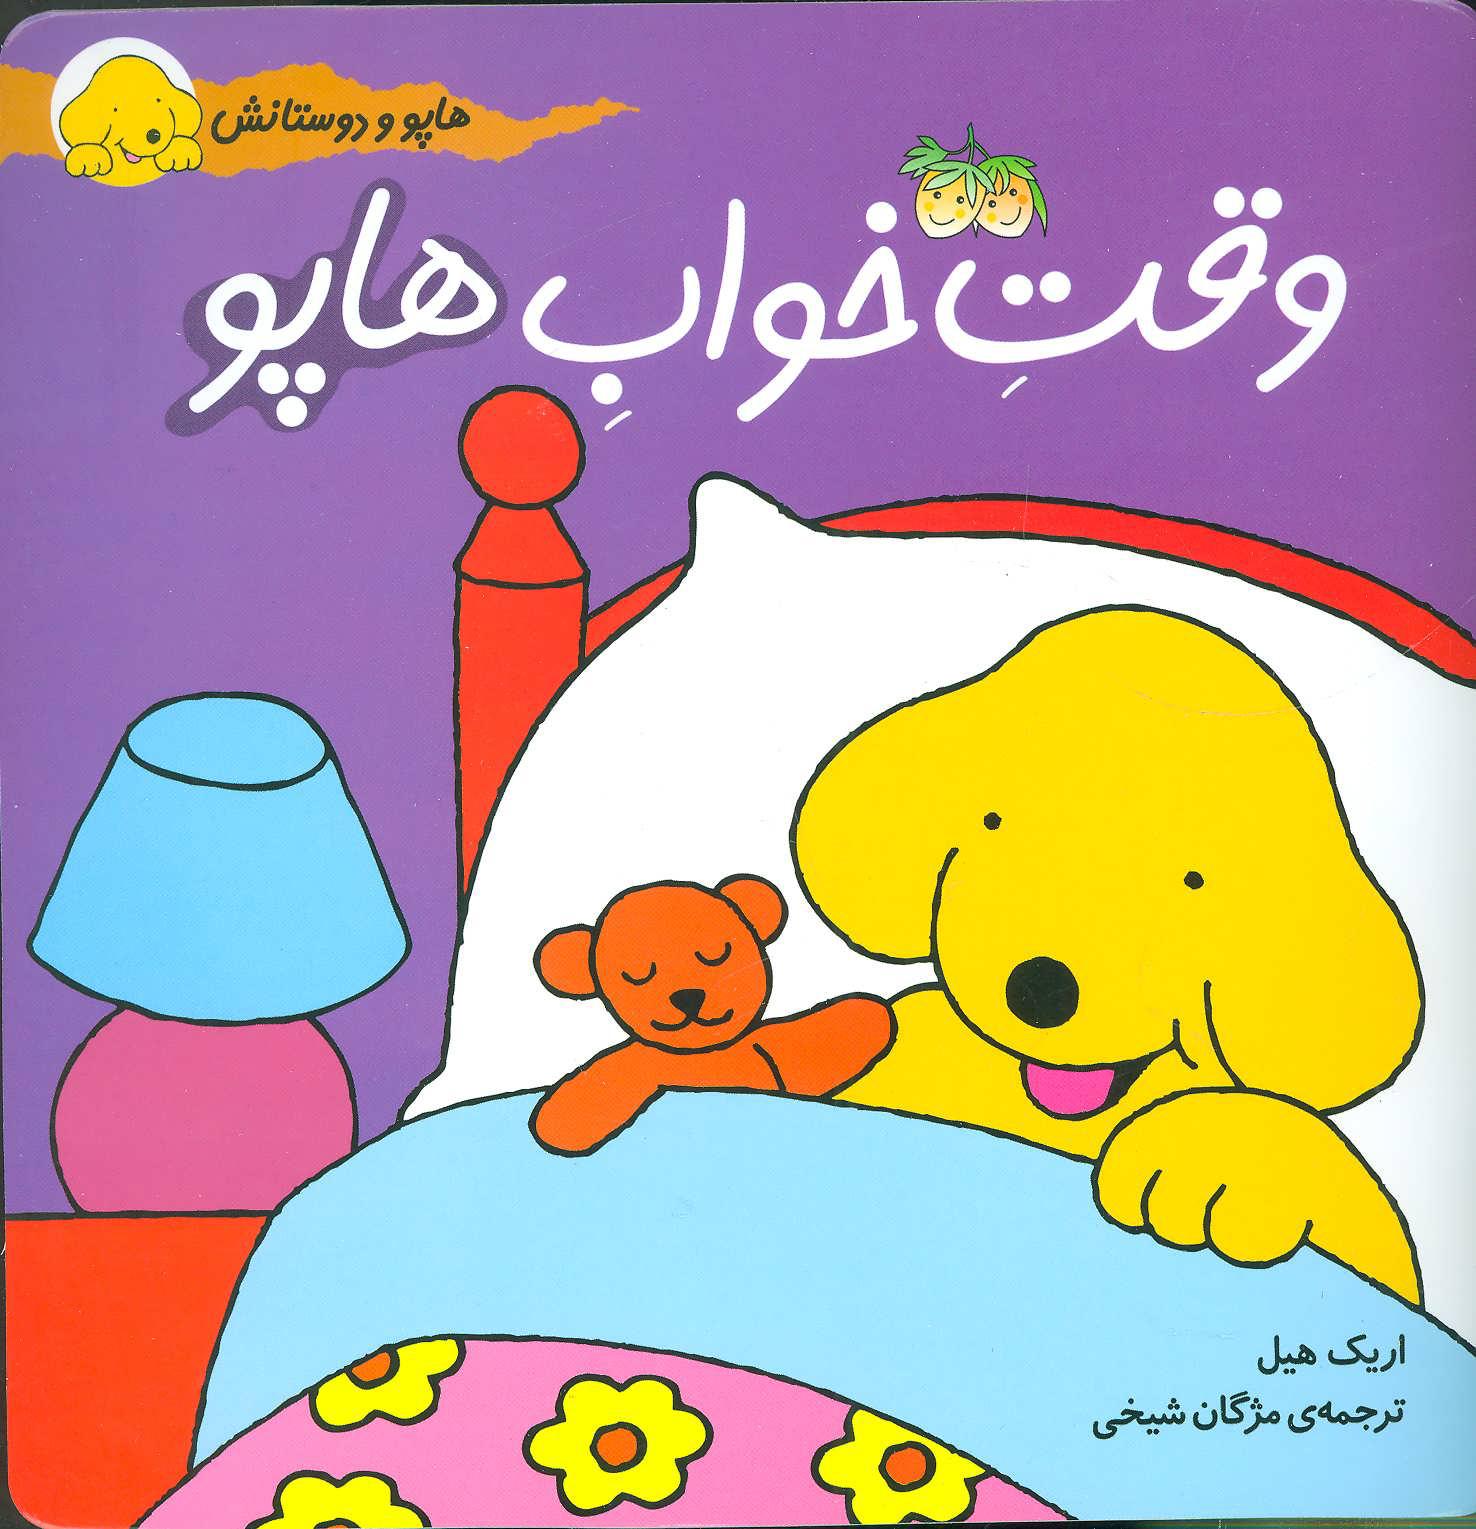 کتاب وقت خواب هاپو